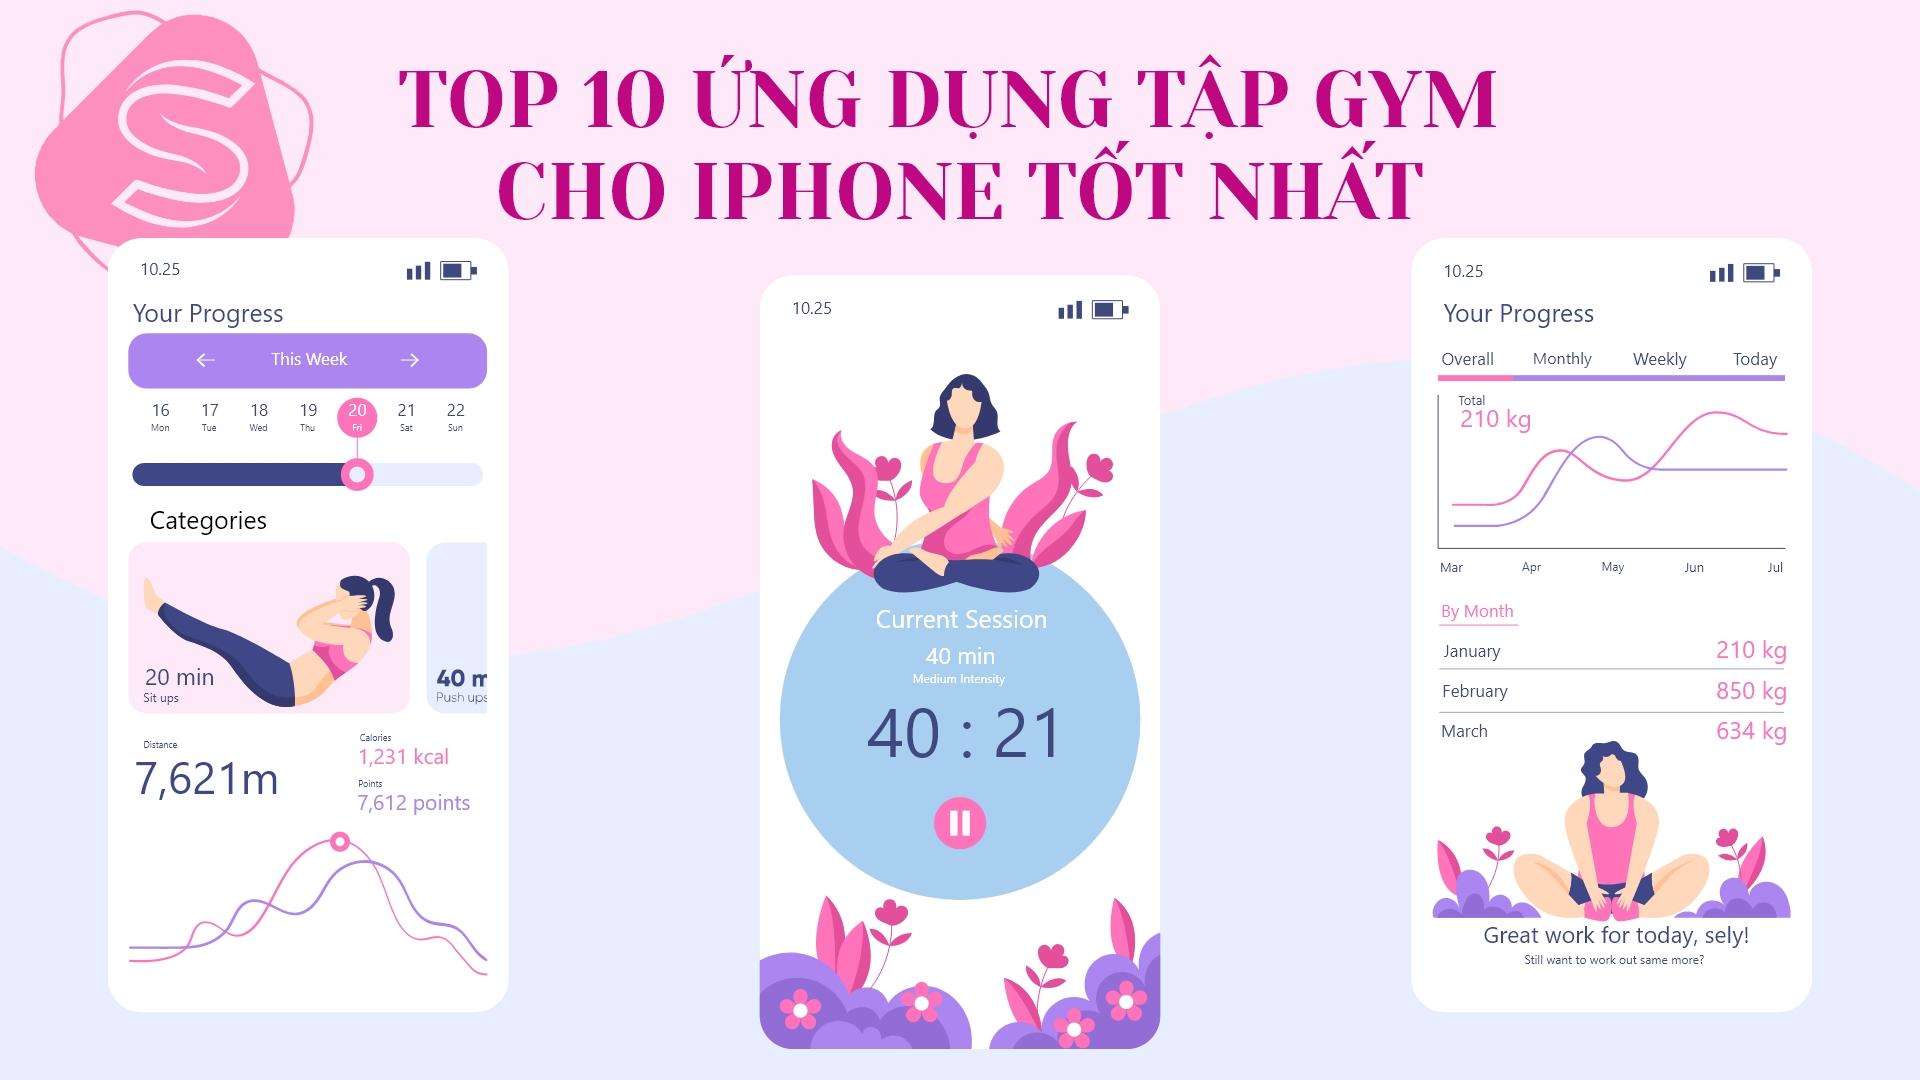 TOP 10 ứng dụng tập gym cho iphone tốt nhất 2021